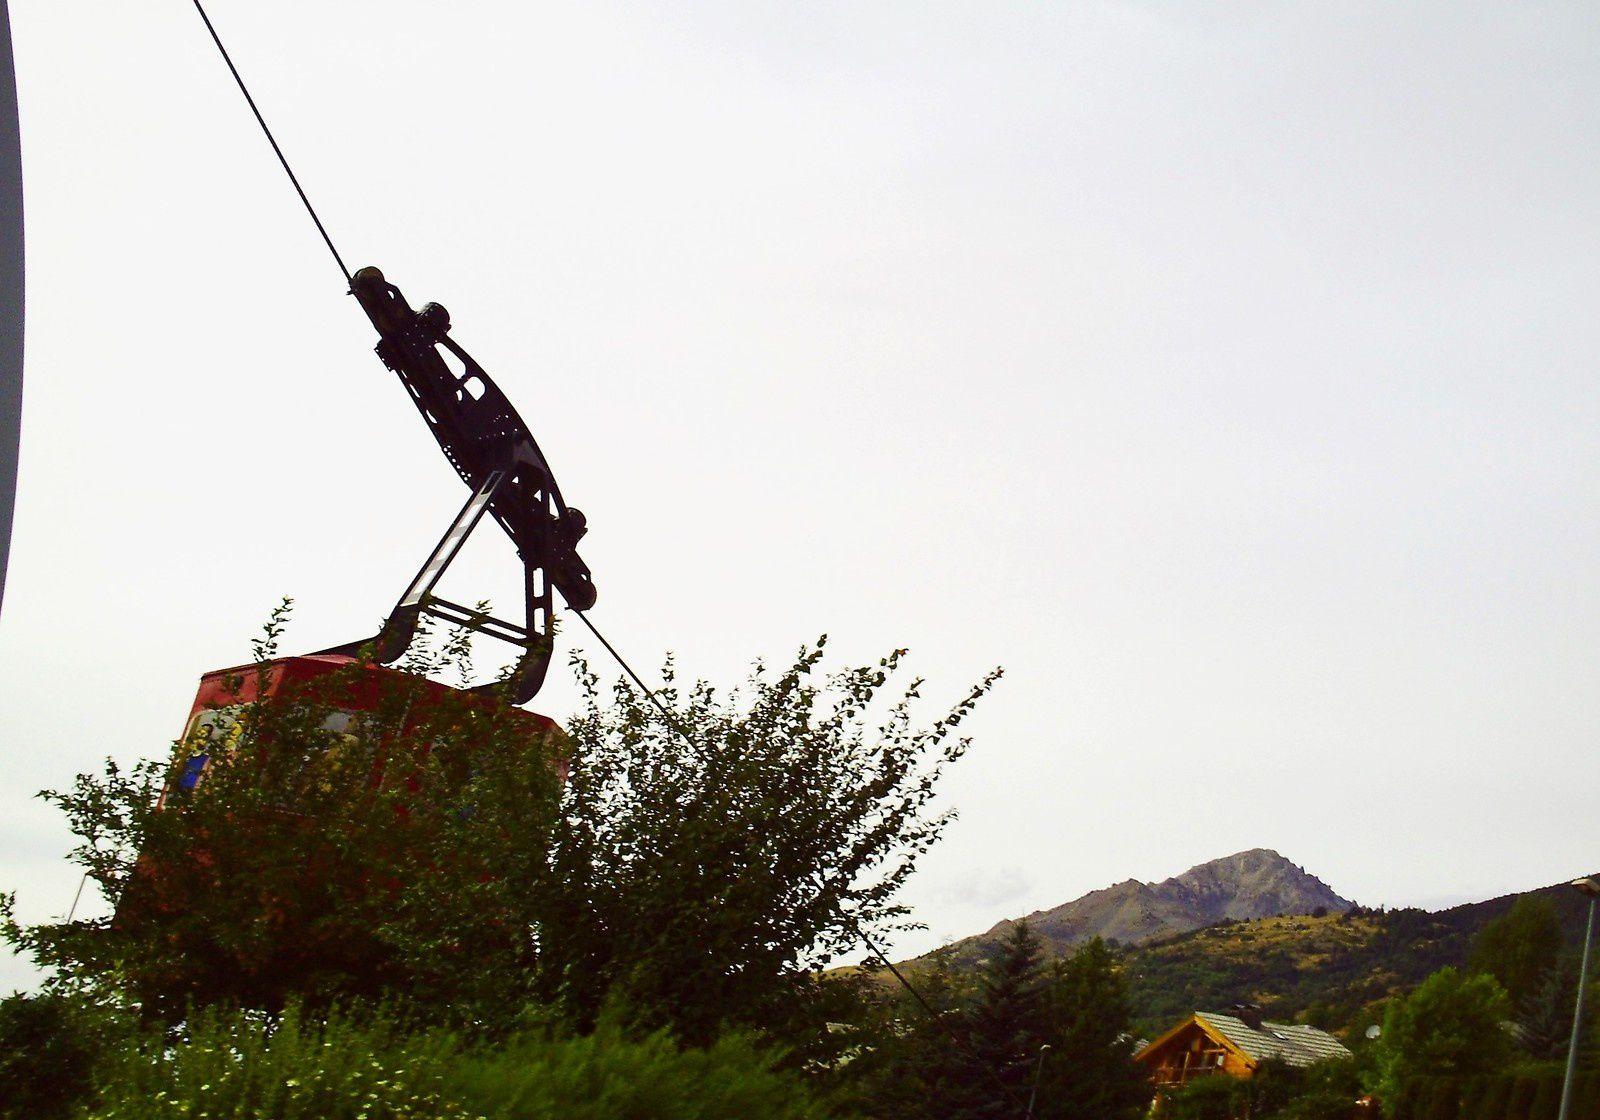 Goldwing - Notre voyage dans les Hautes-Alpes en Goldwing 1800 et Varadero 125 - 2ème jour 3/3